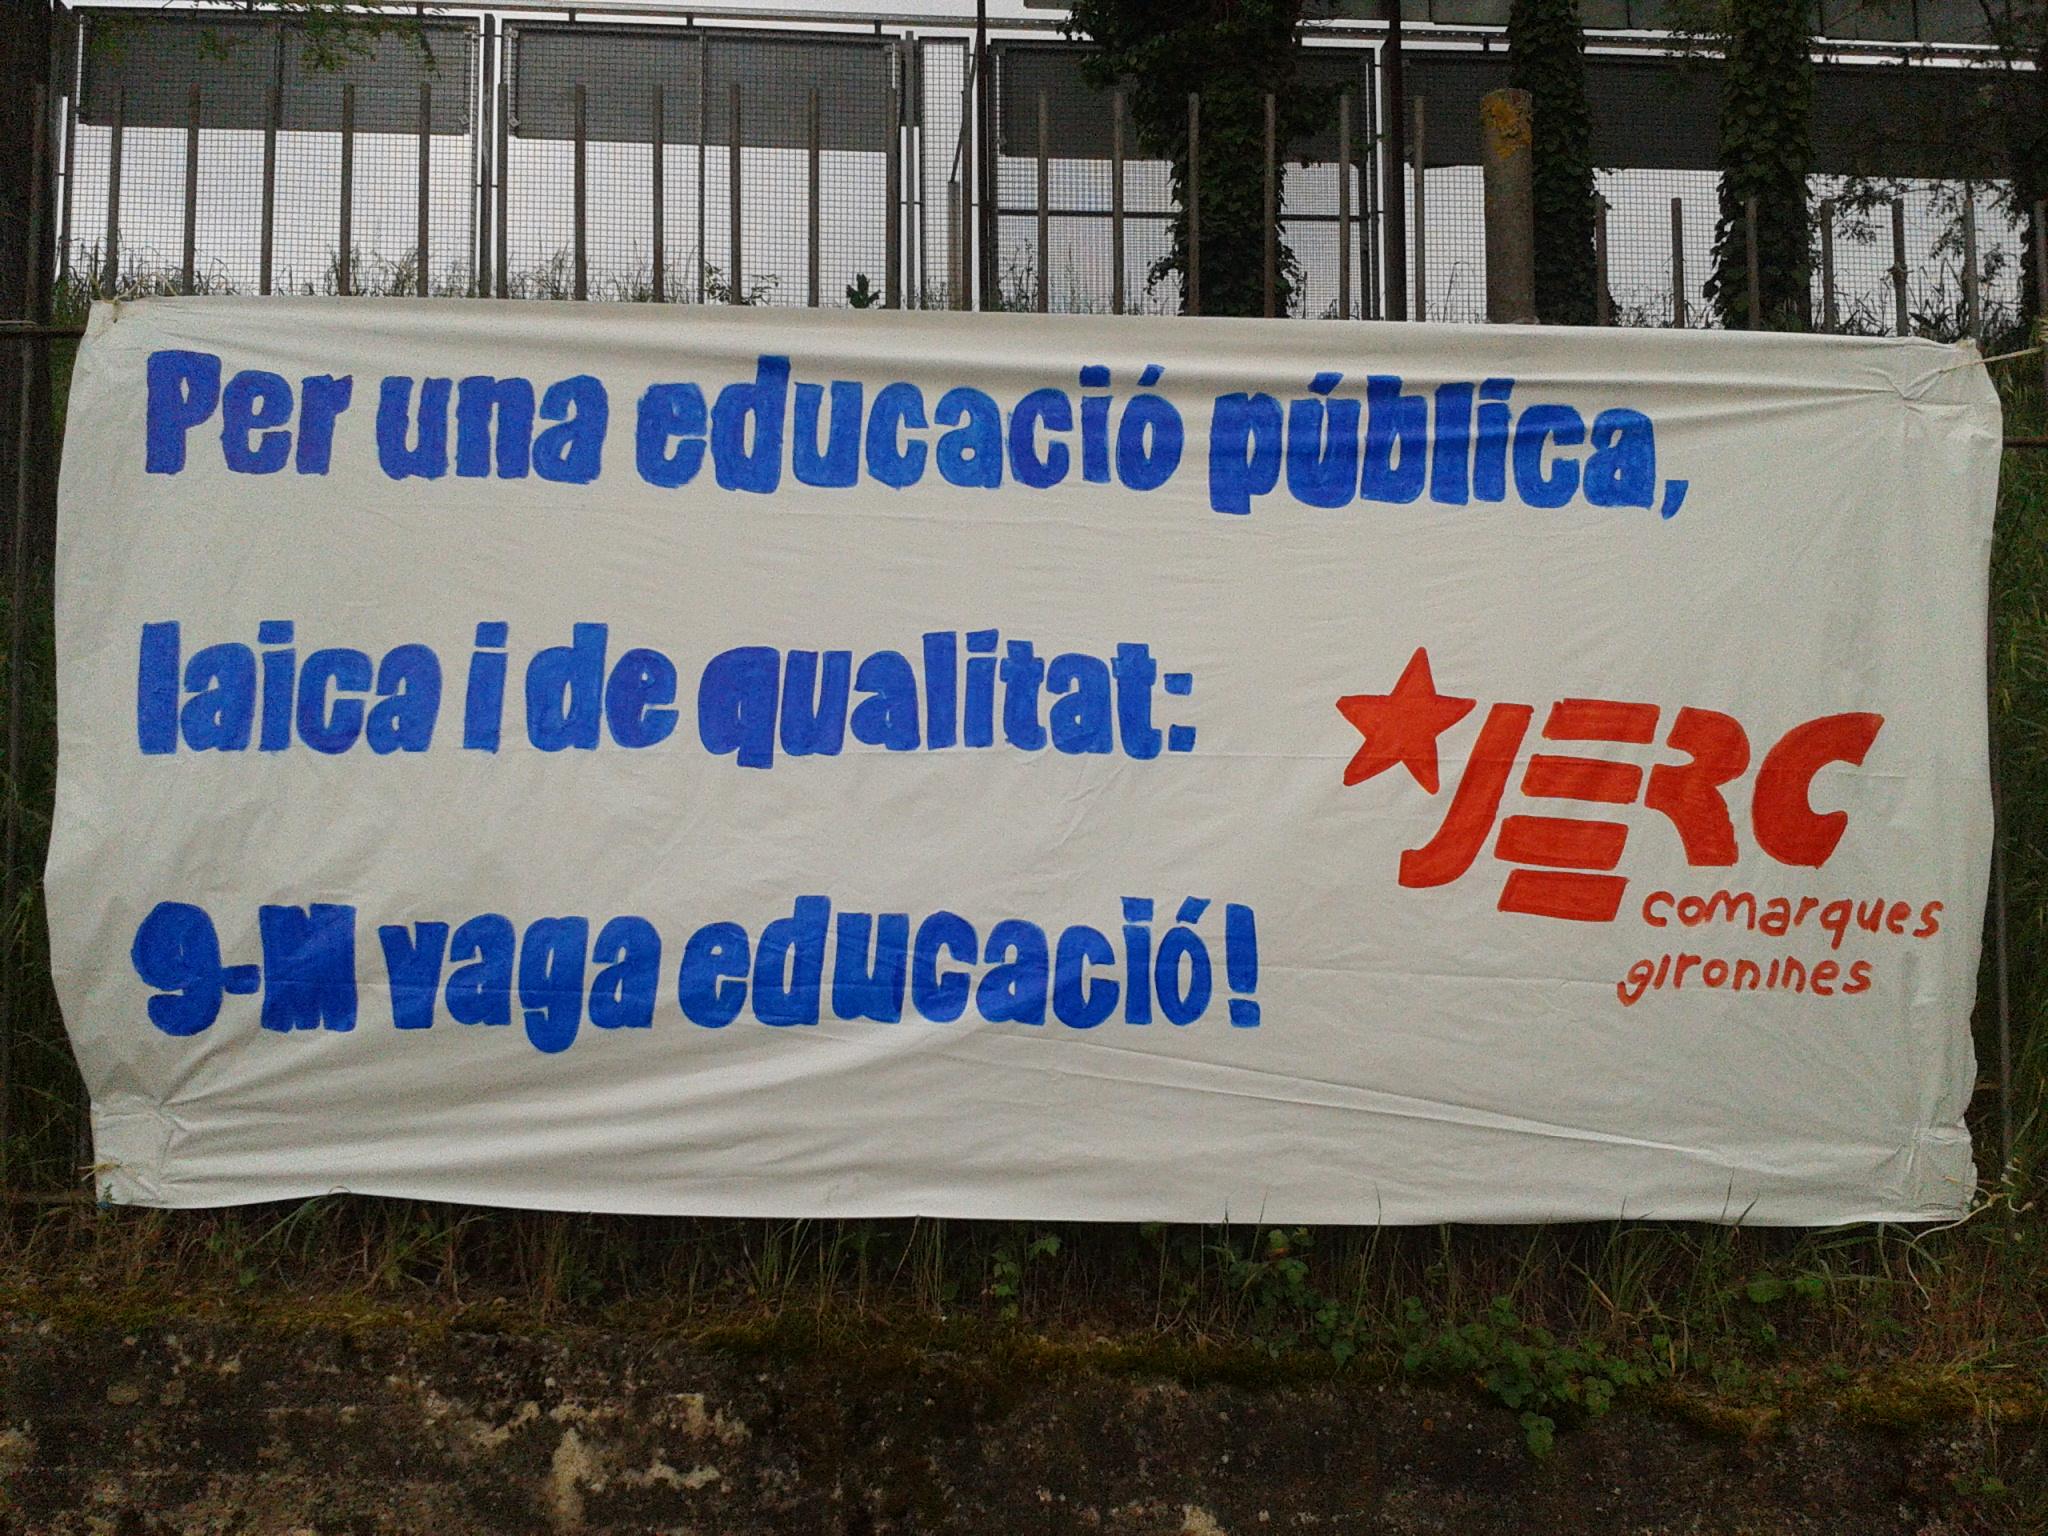 9M vaga educació